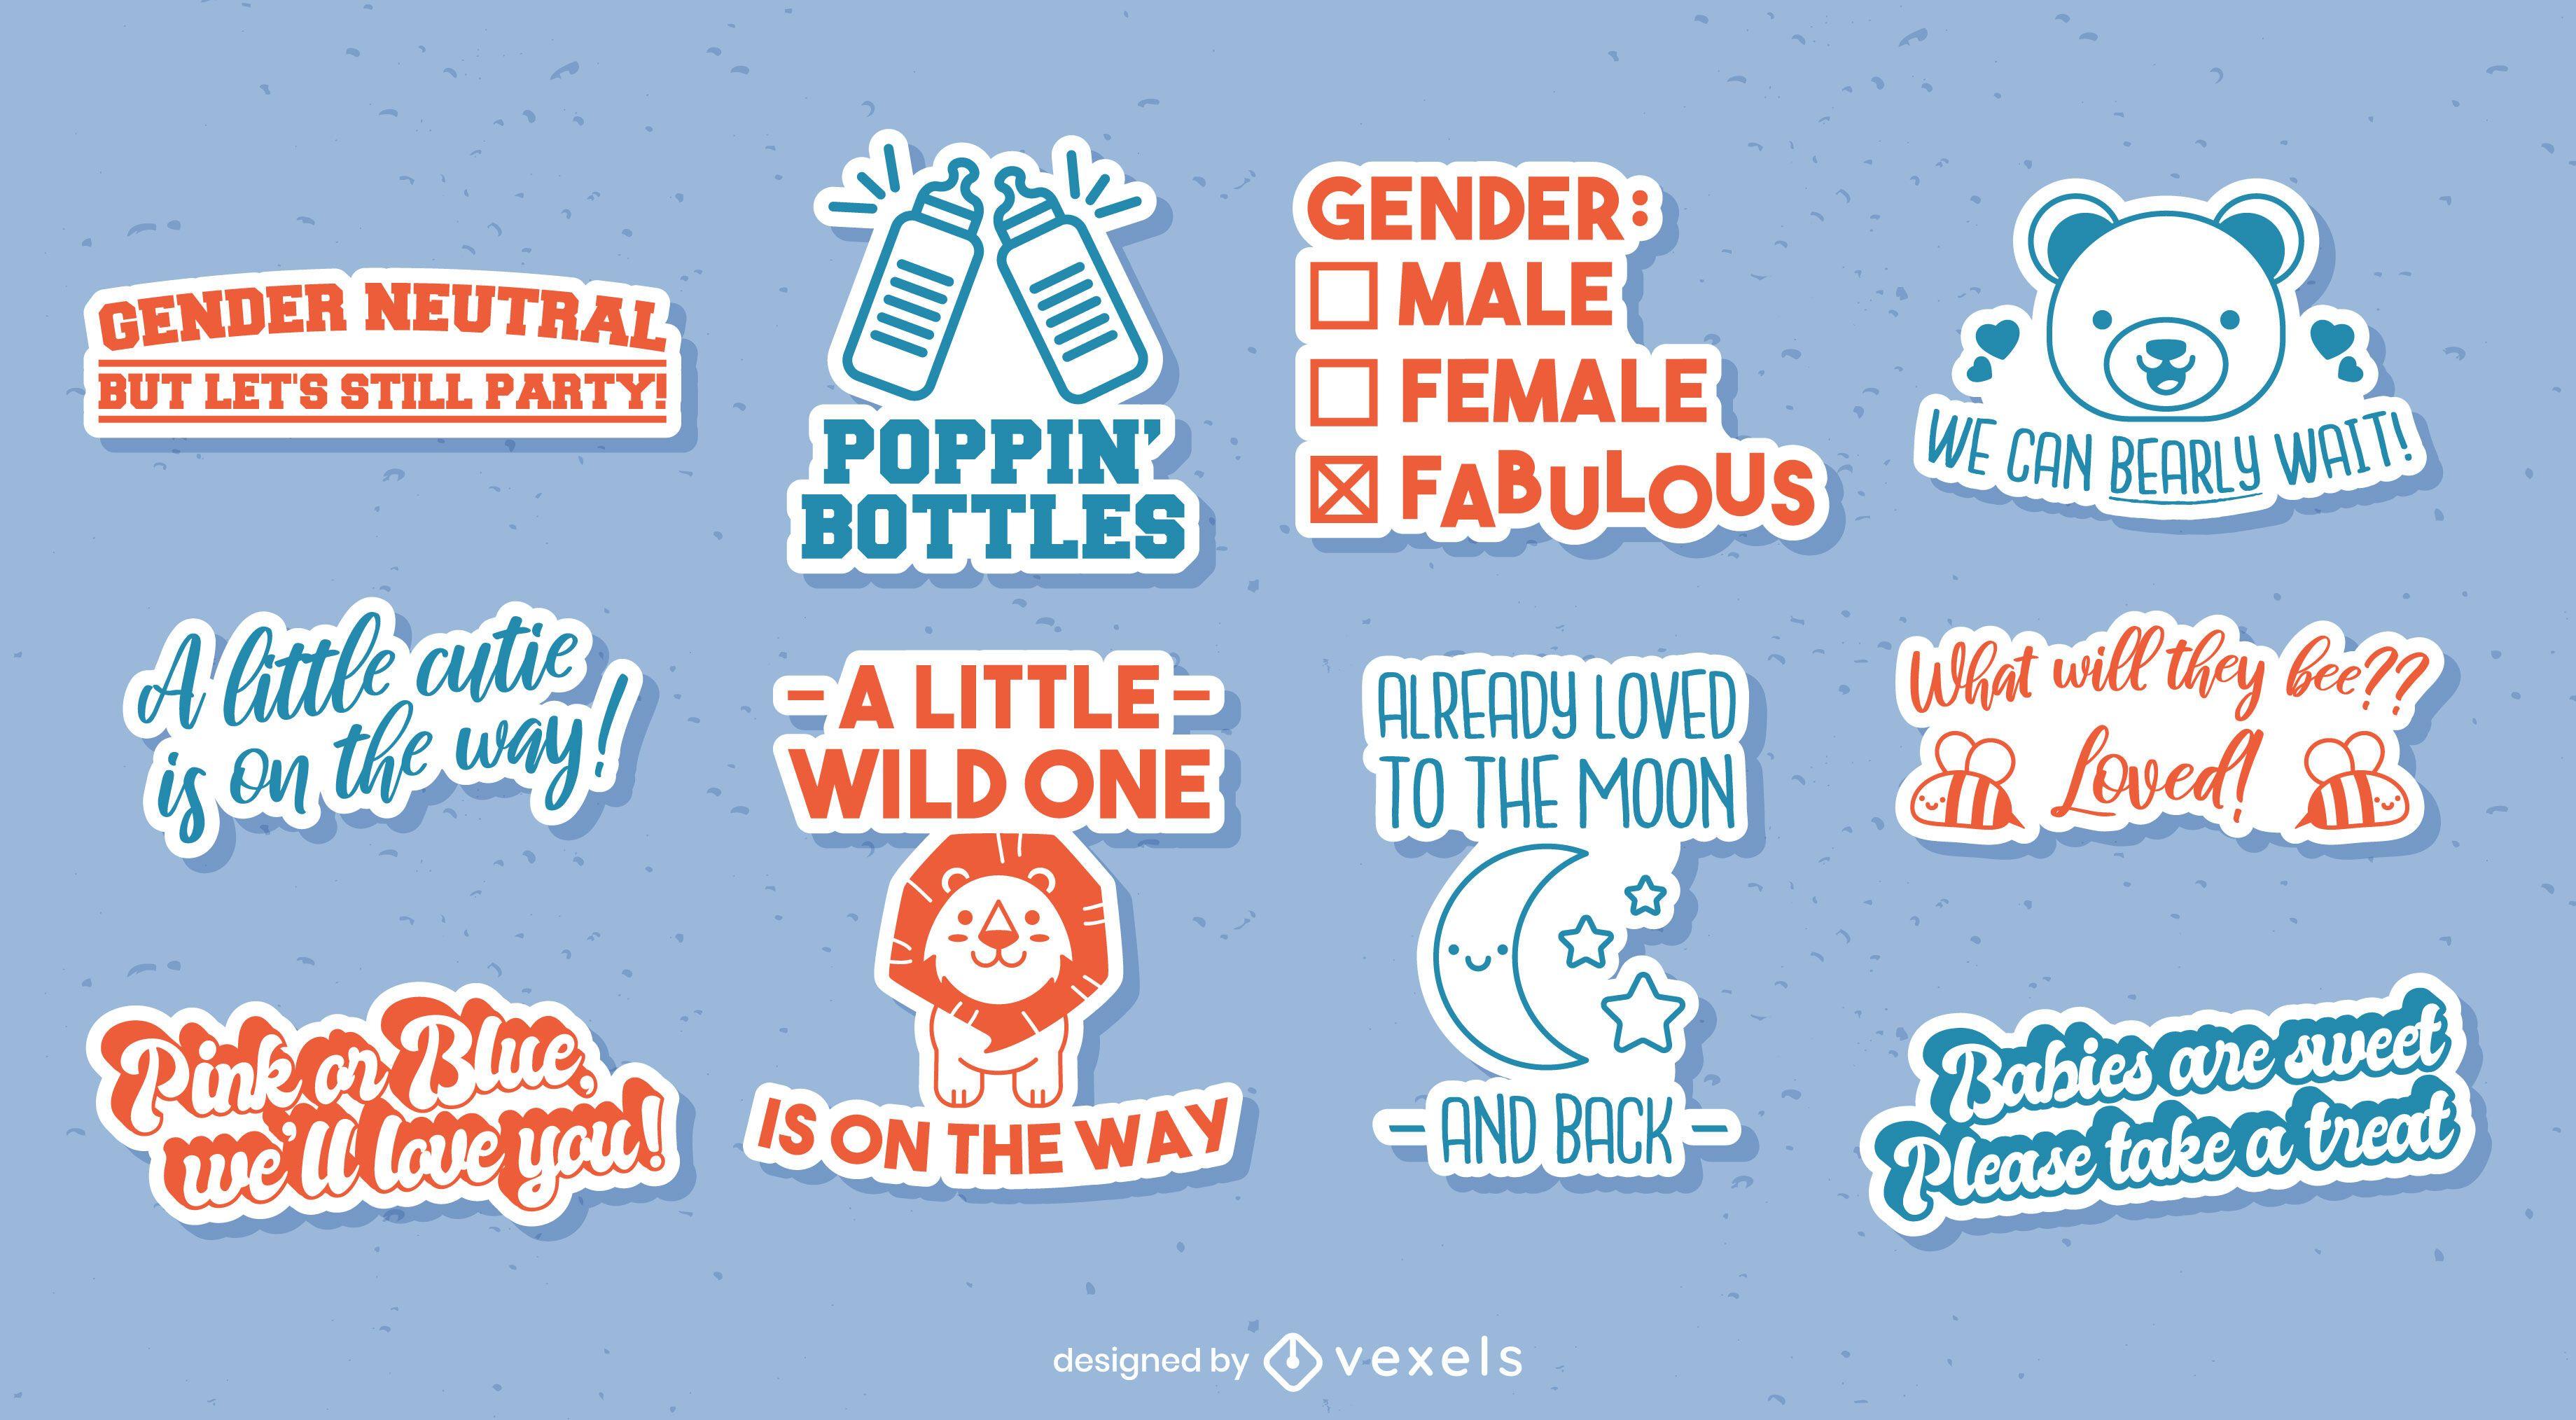 Set de pegatinas reveladoras de género neutro